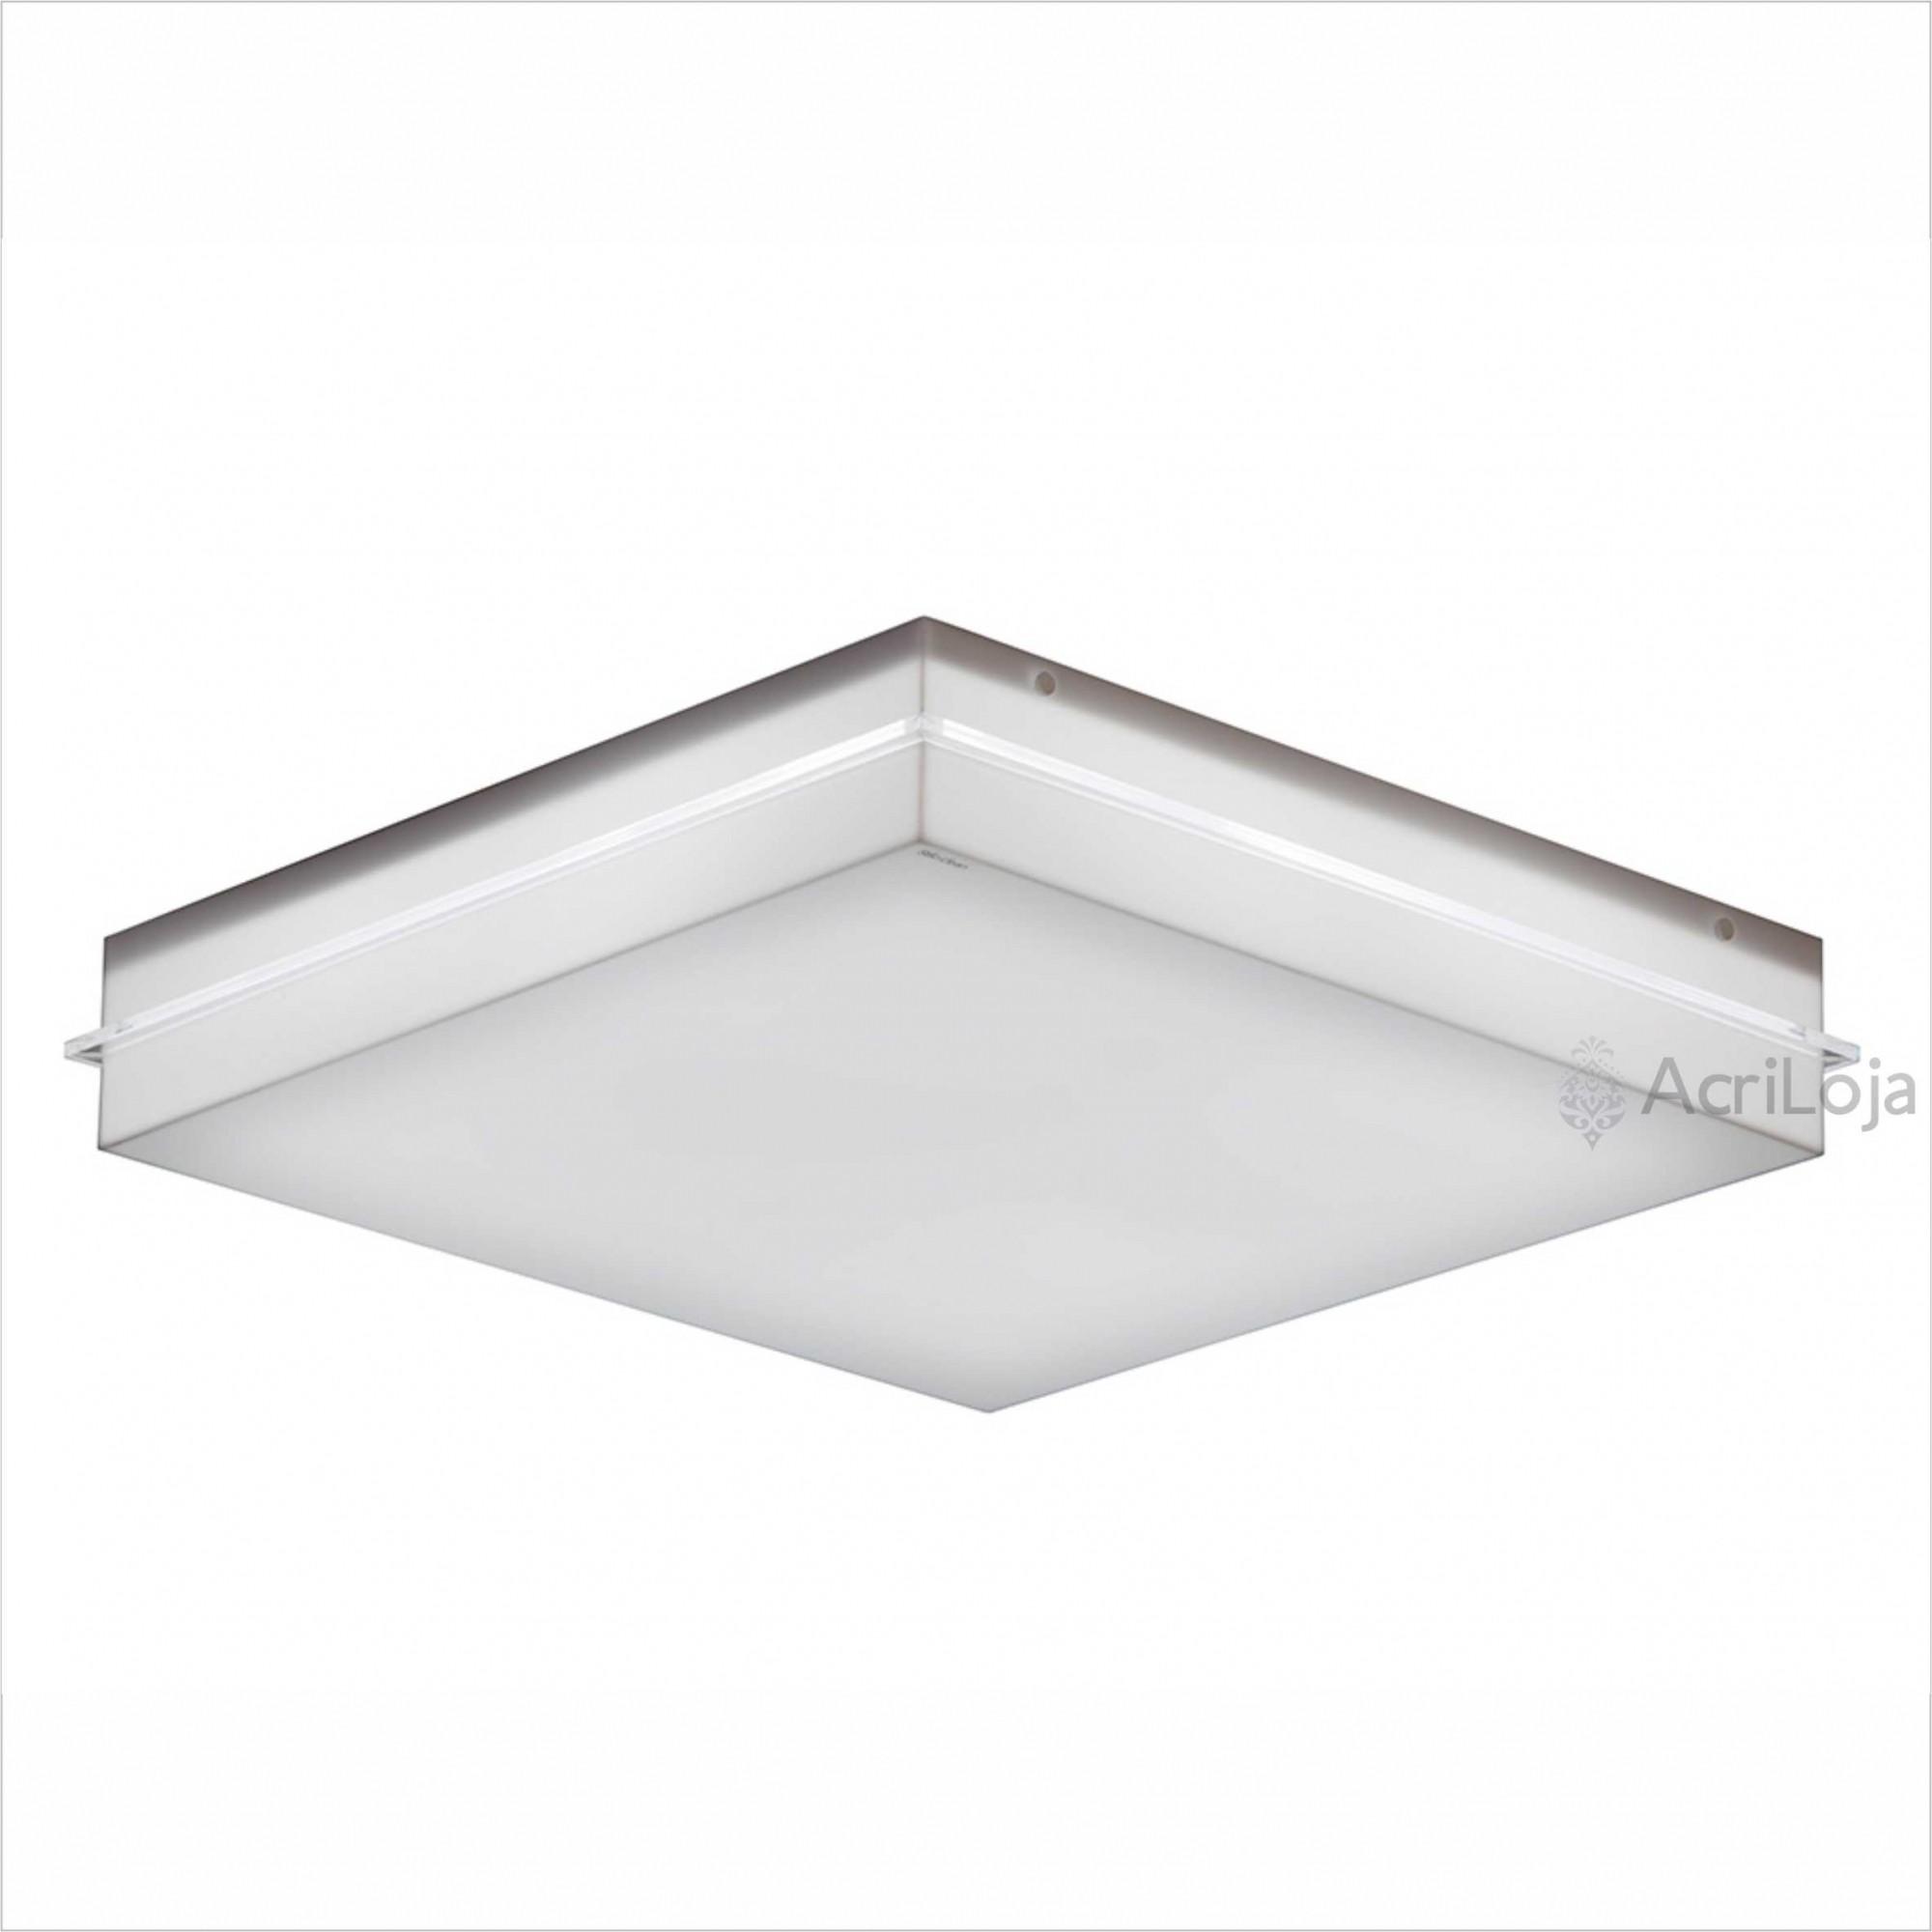 Luminaria Plafon Flora Quadrado Acrilico Branco 22x22 cm, Luminária de teto sobrepor